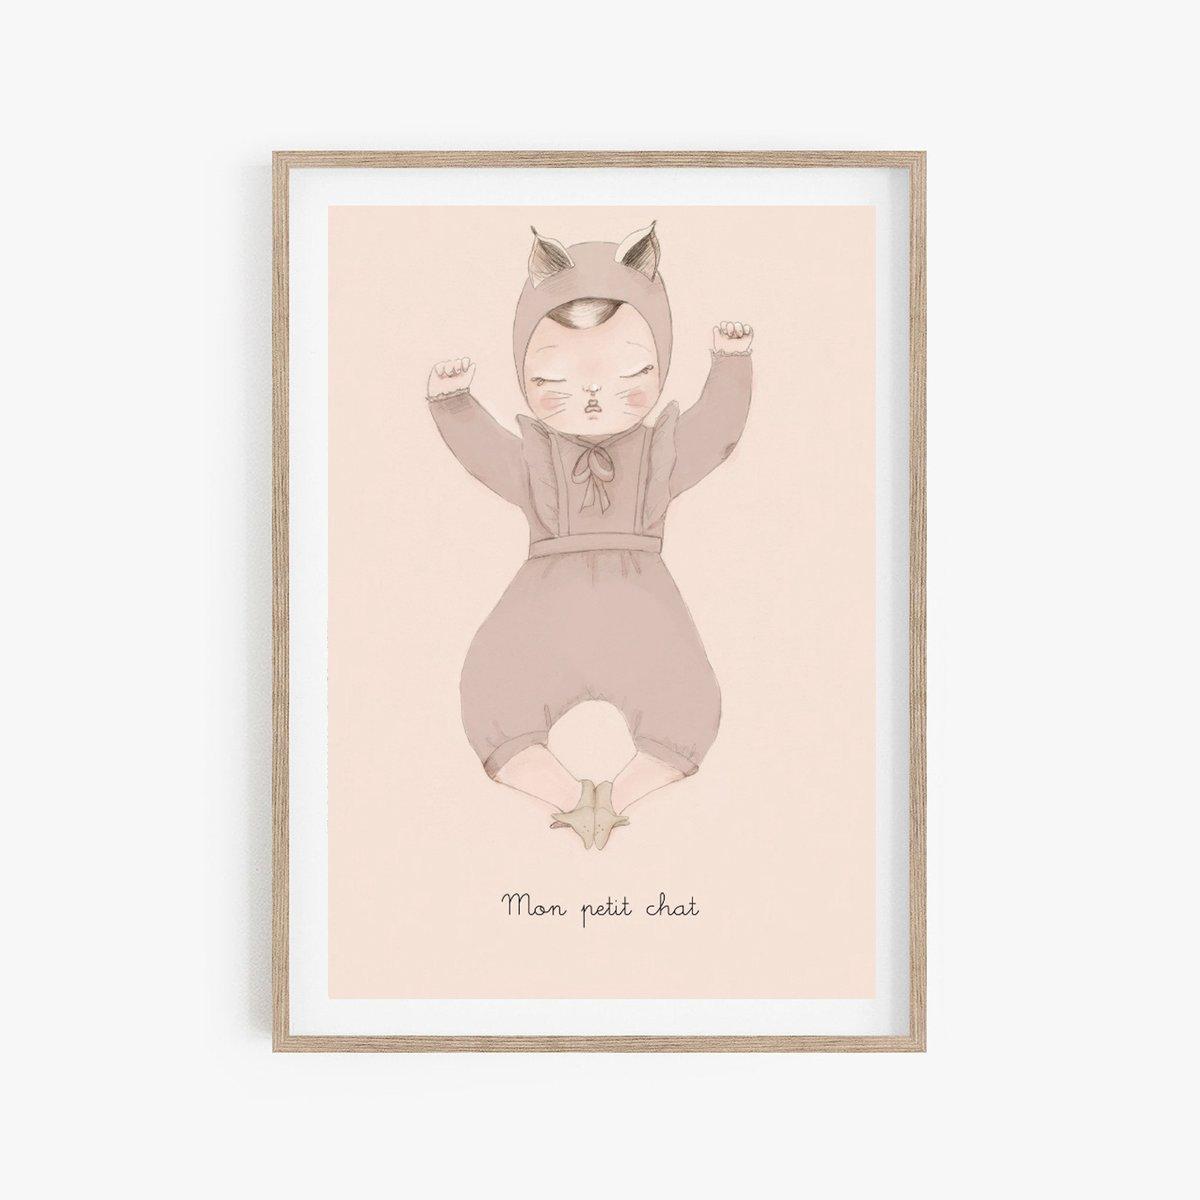 Image of BEBE CHAT fille - Carte postale illustrée n°3 imprimée Edition limitée et numérotée